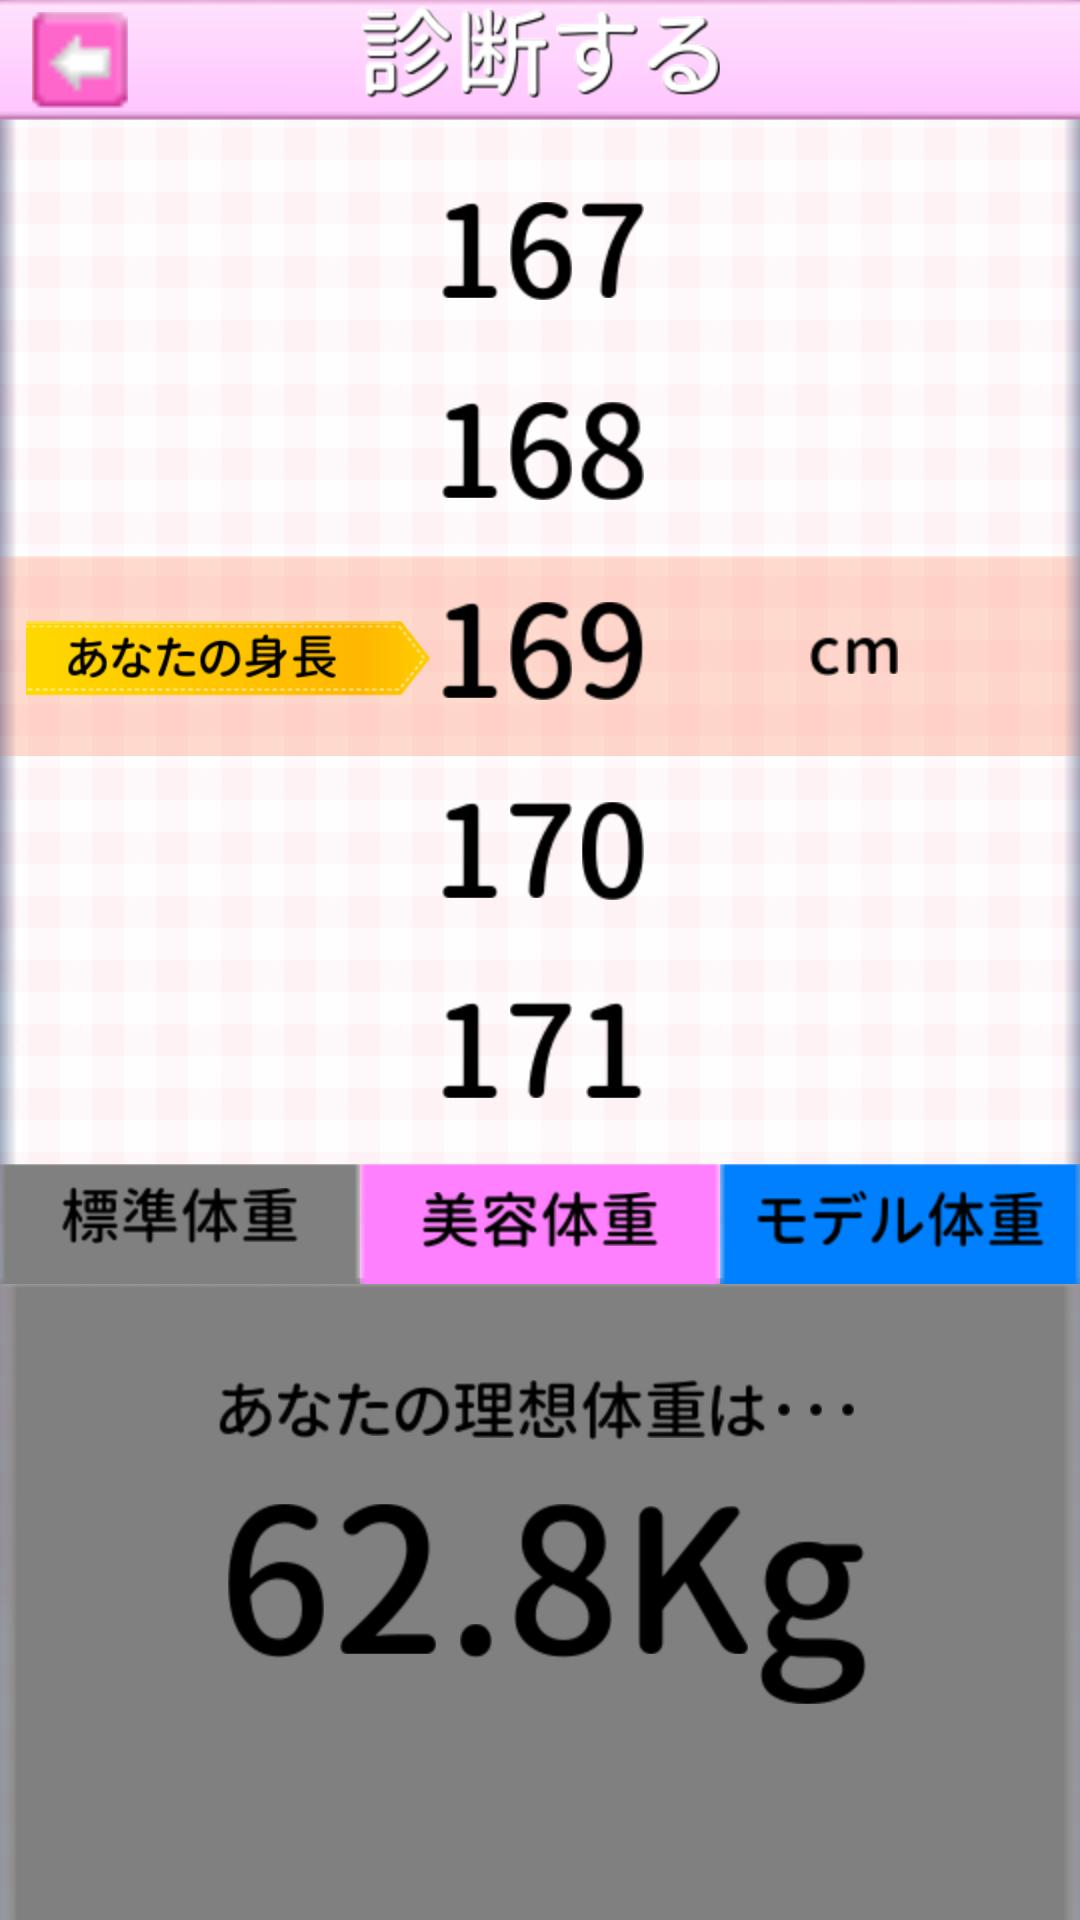 体重 155 センチ 標準